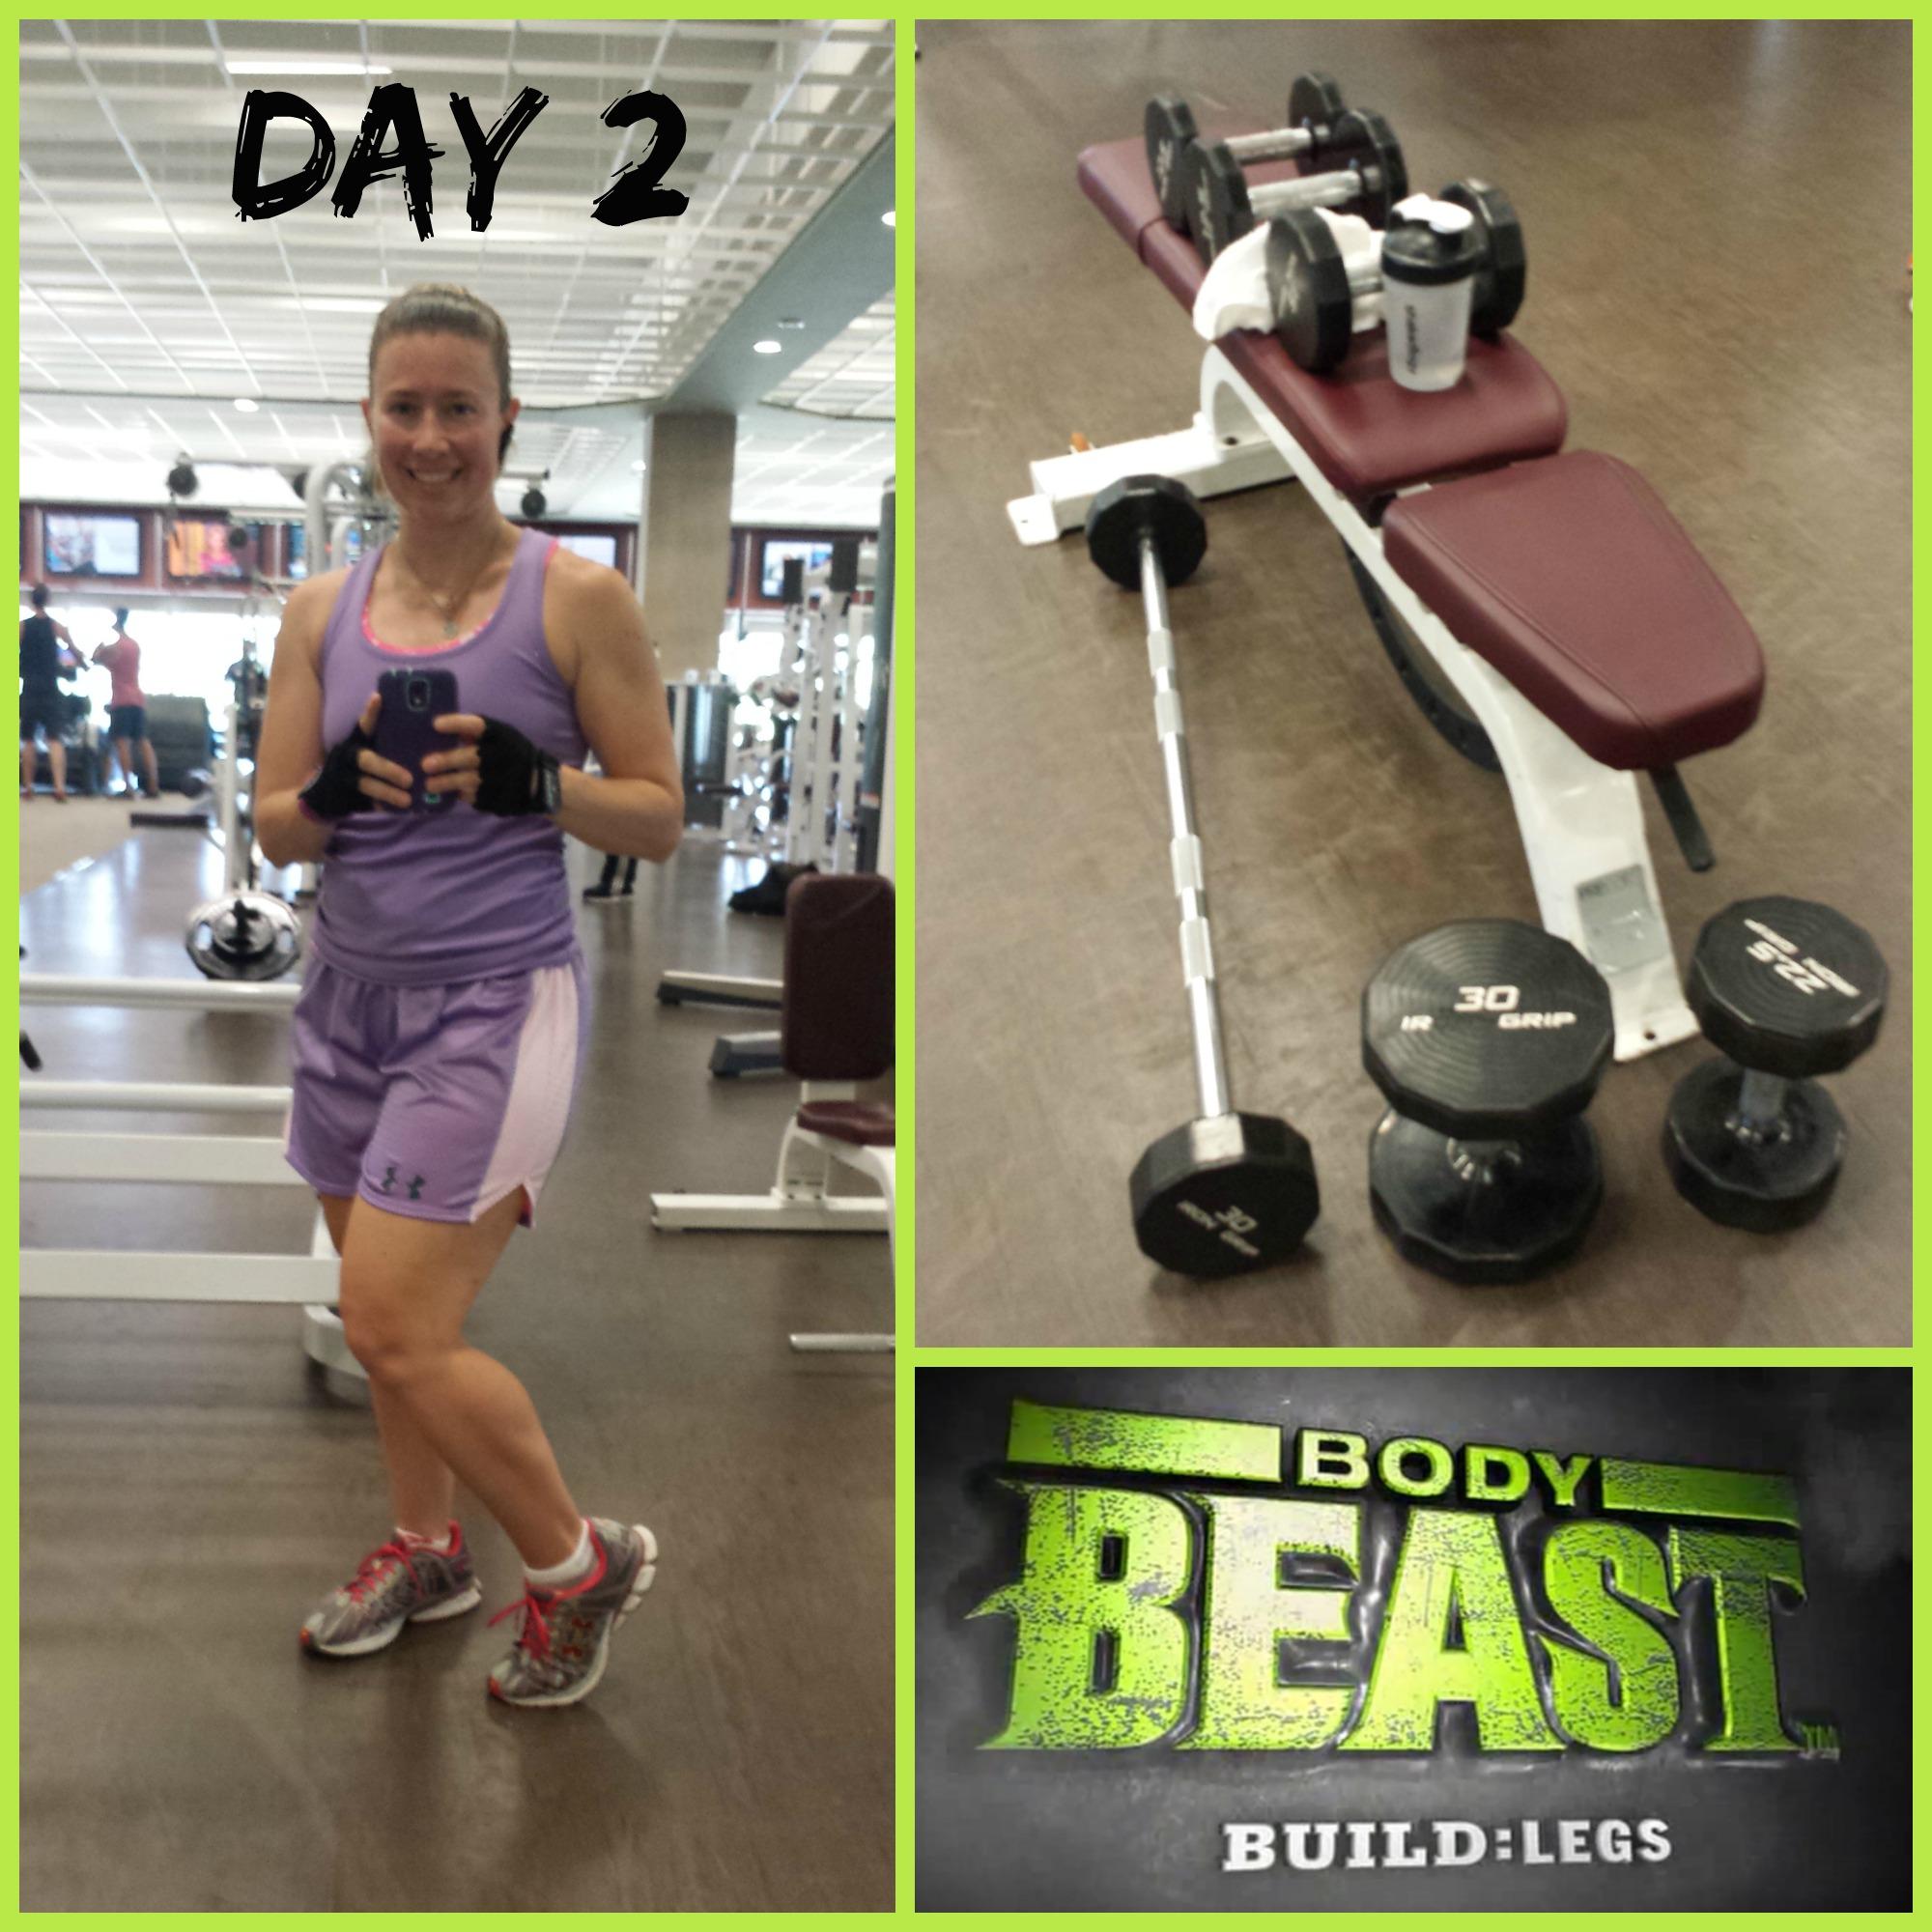 Sweat Wow Killer Kettlebell Workout: TRIfecta Fitness